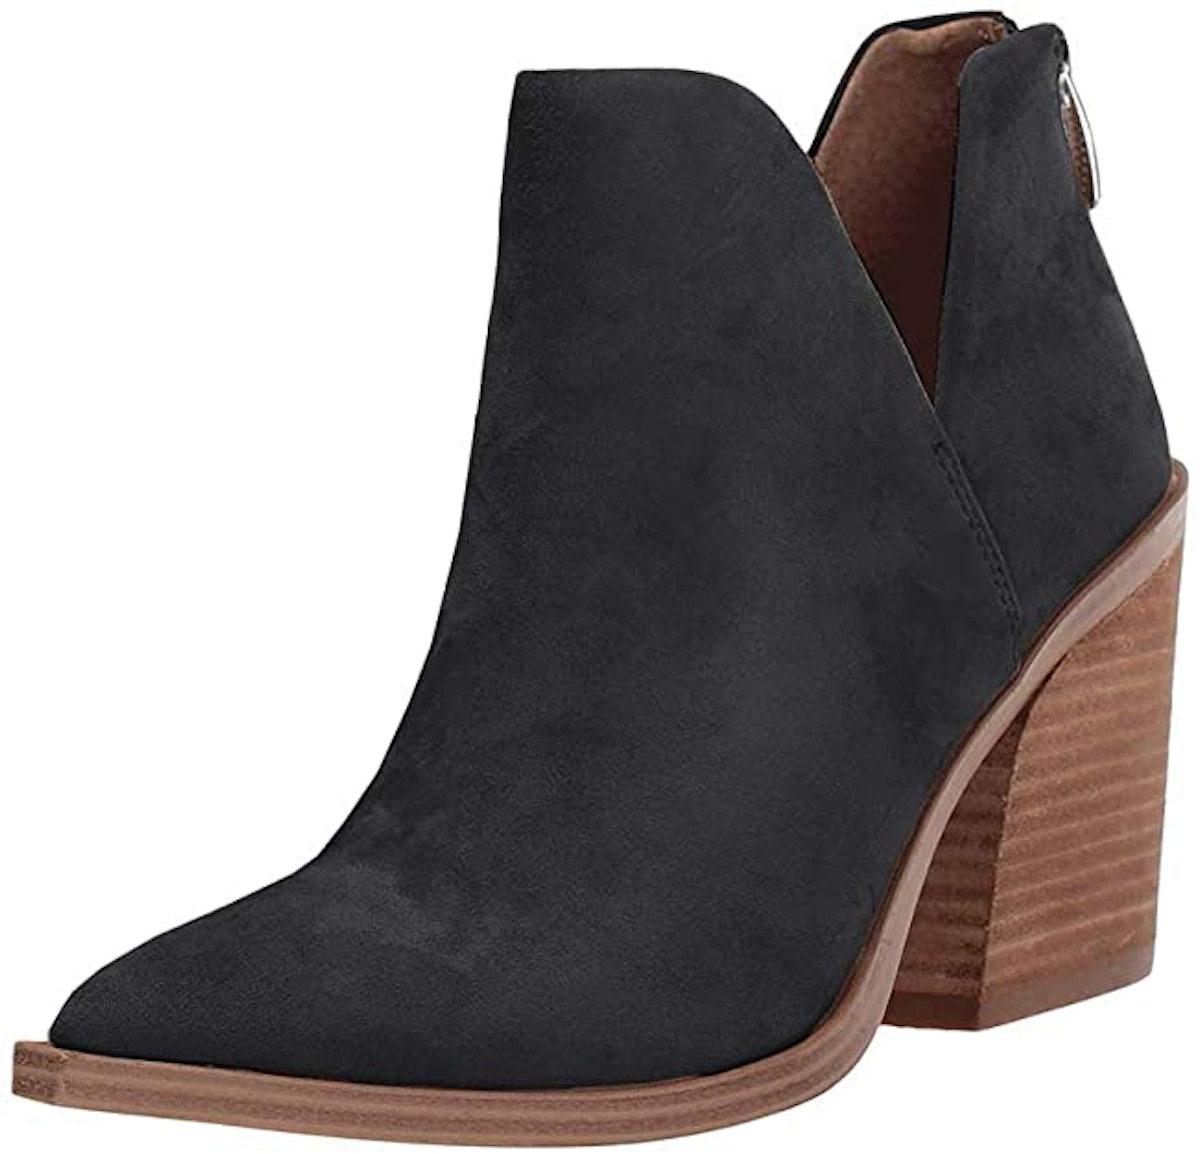 Kathemoi Ankle Boots